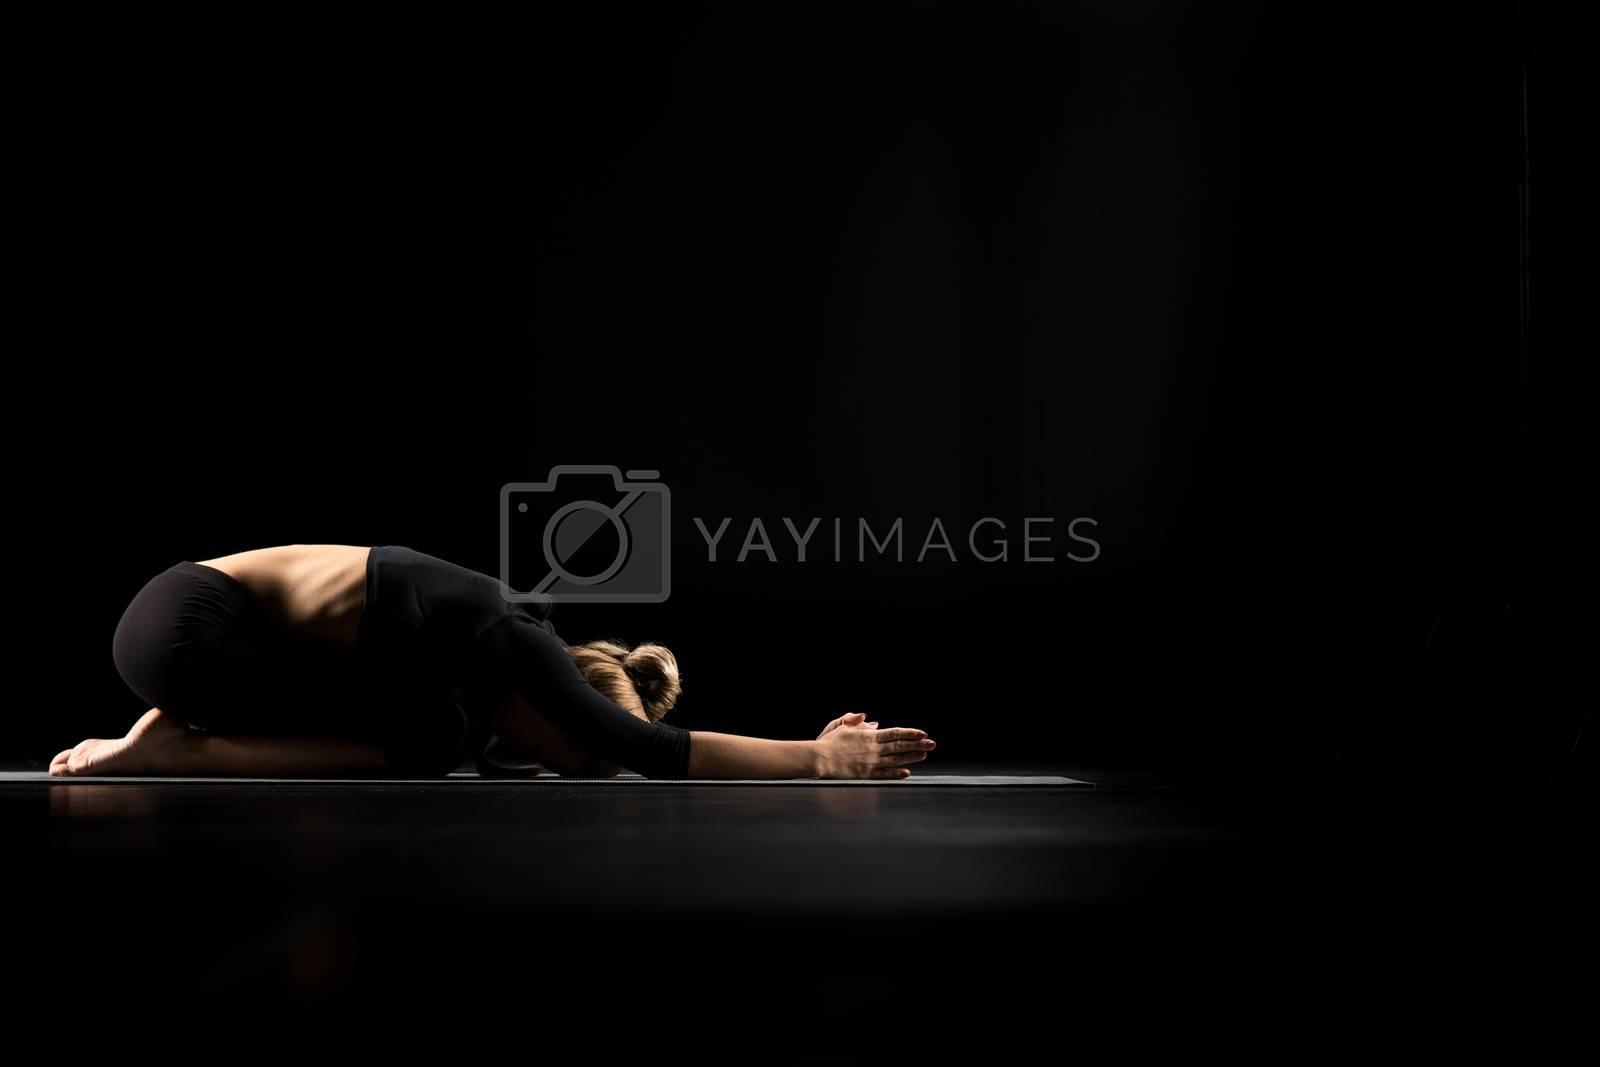 Woman performing Balasana or Childs Pose on yoga mat